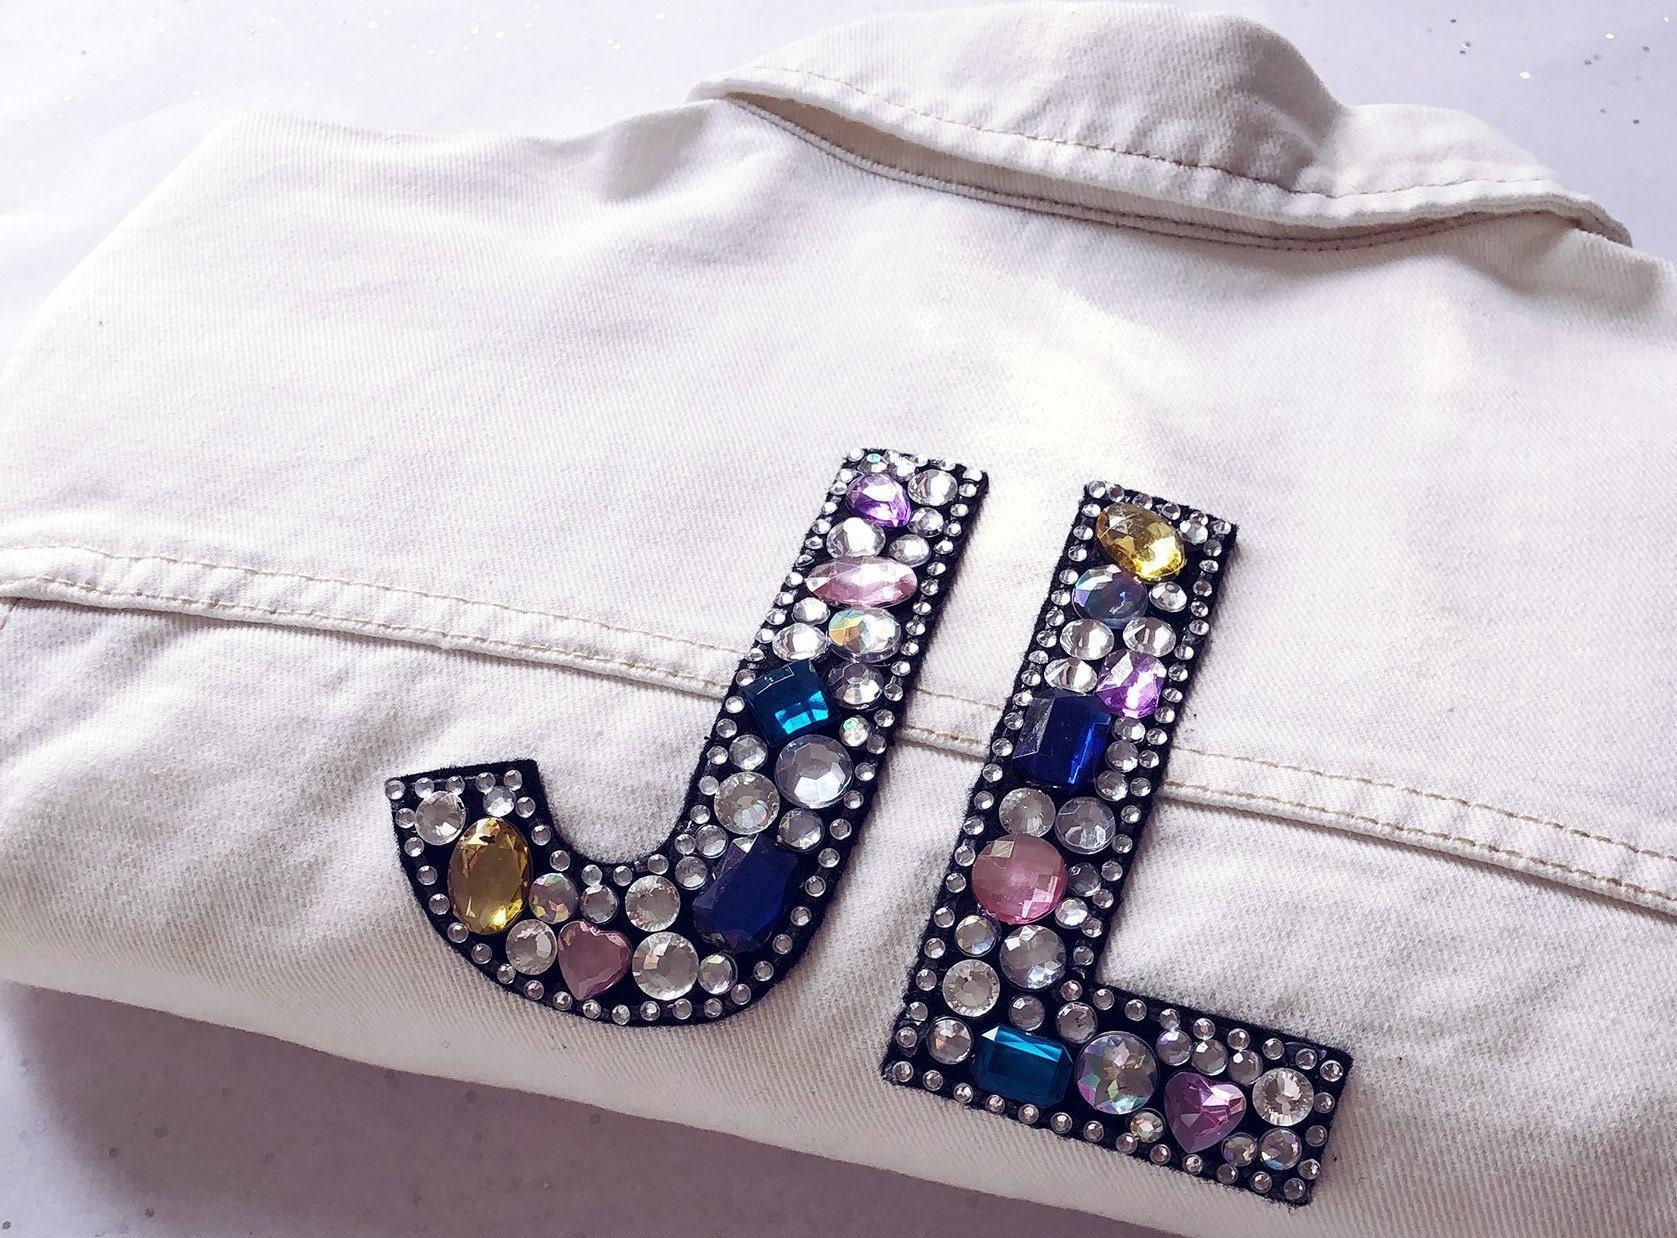 The Parker Monogrammed Bridal Jacket